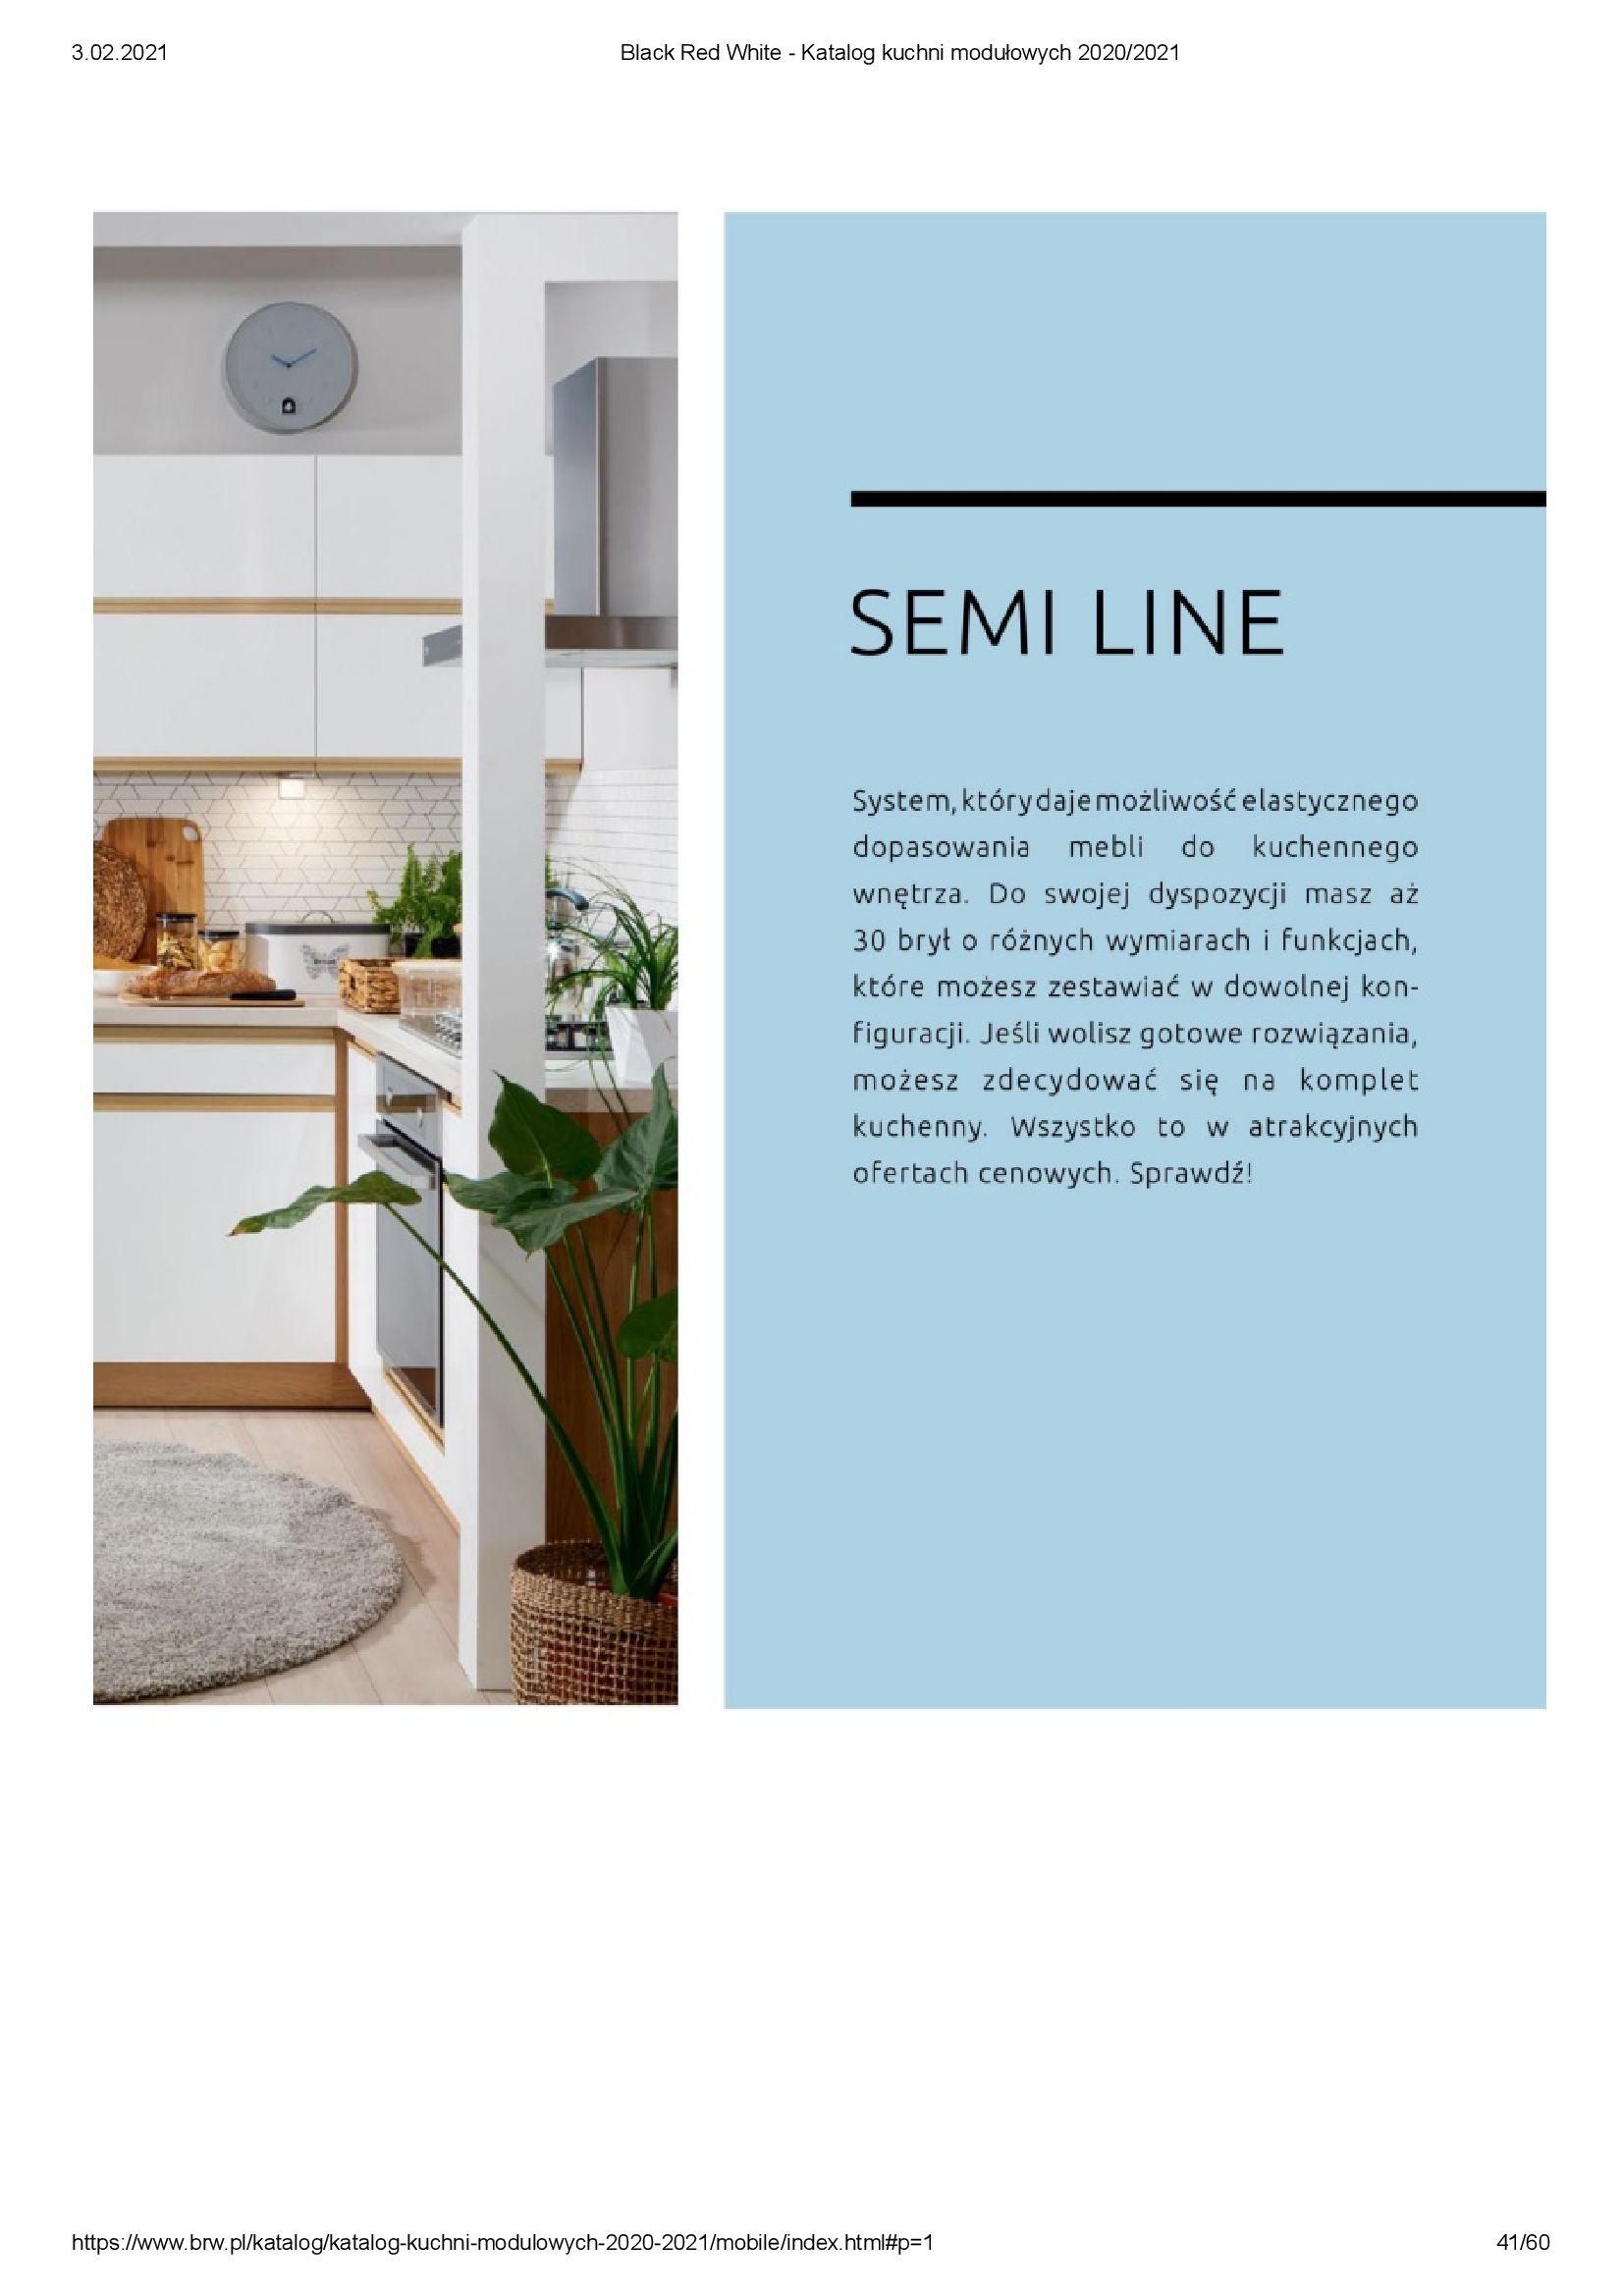 Gazetka Black Red White: Katalog - Kuchnie modułowe 2020/2021 2021-01-01 page-41